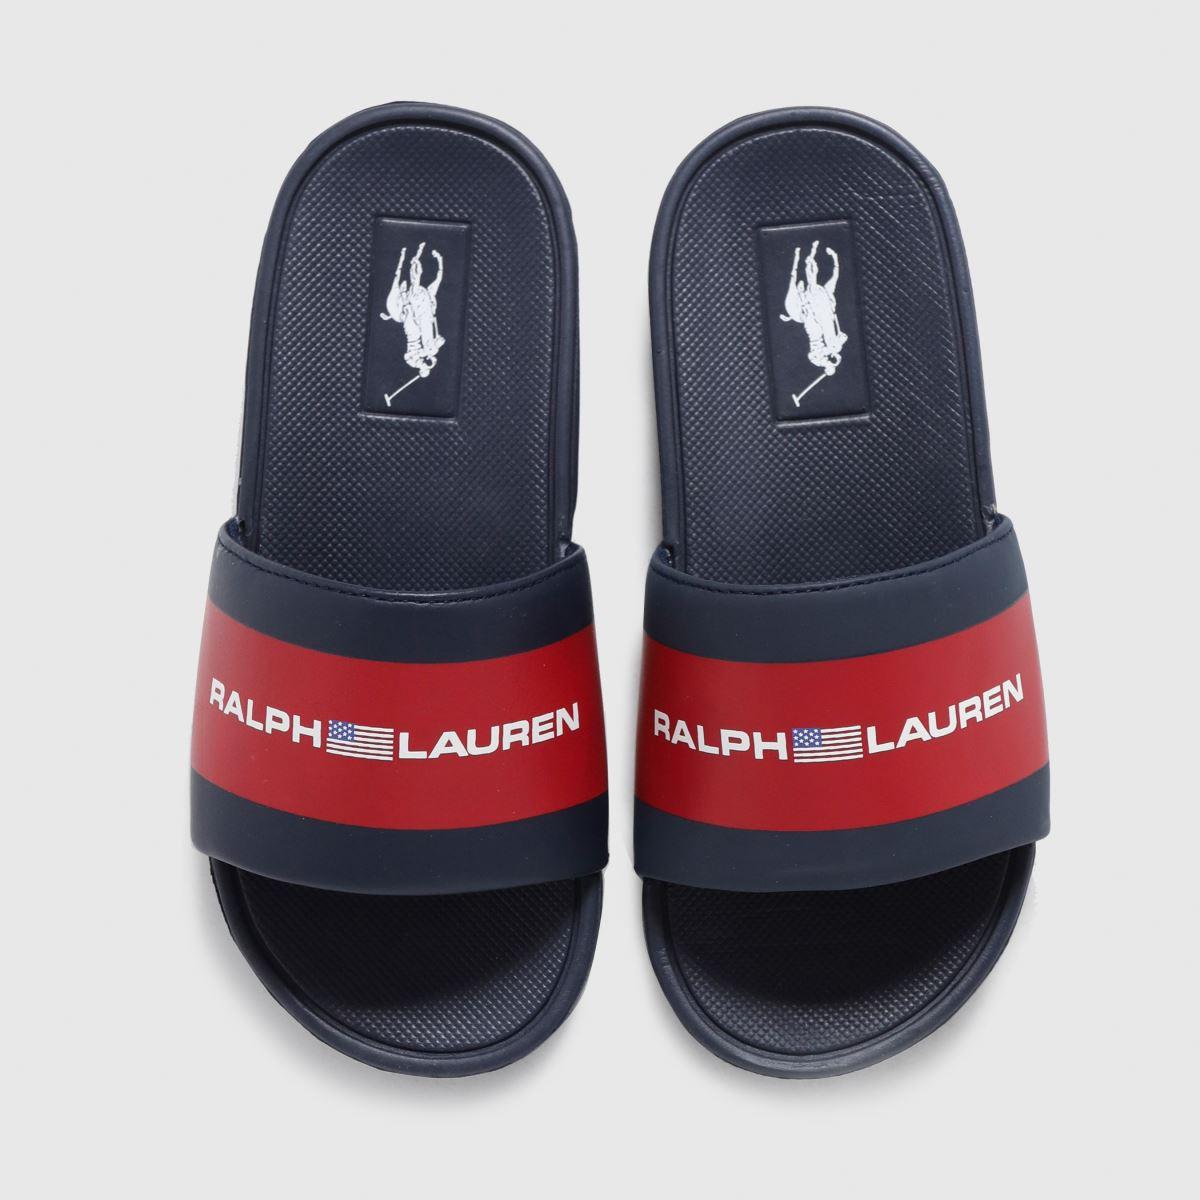 Polo Ralph Lauren Navy & Red Bensley Iii Sliders Junior